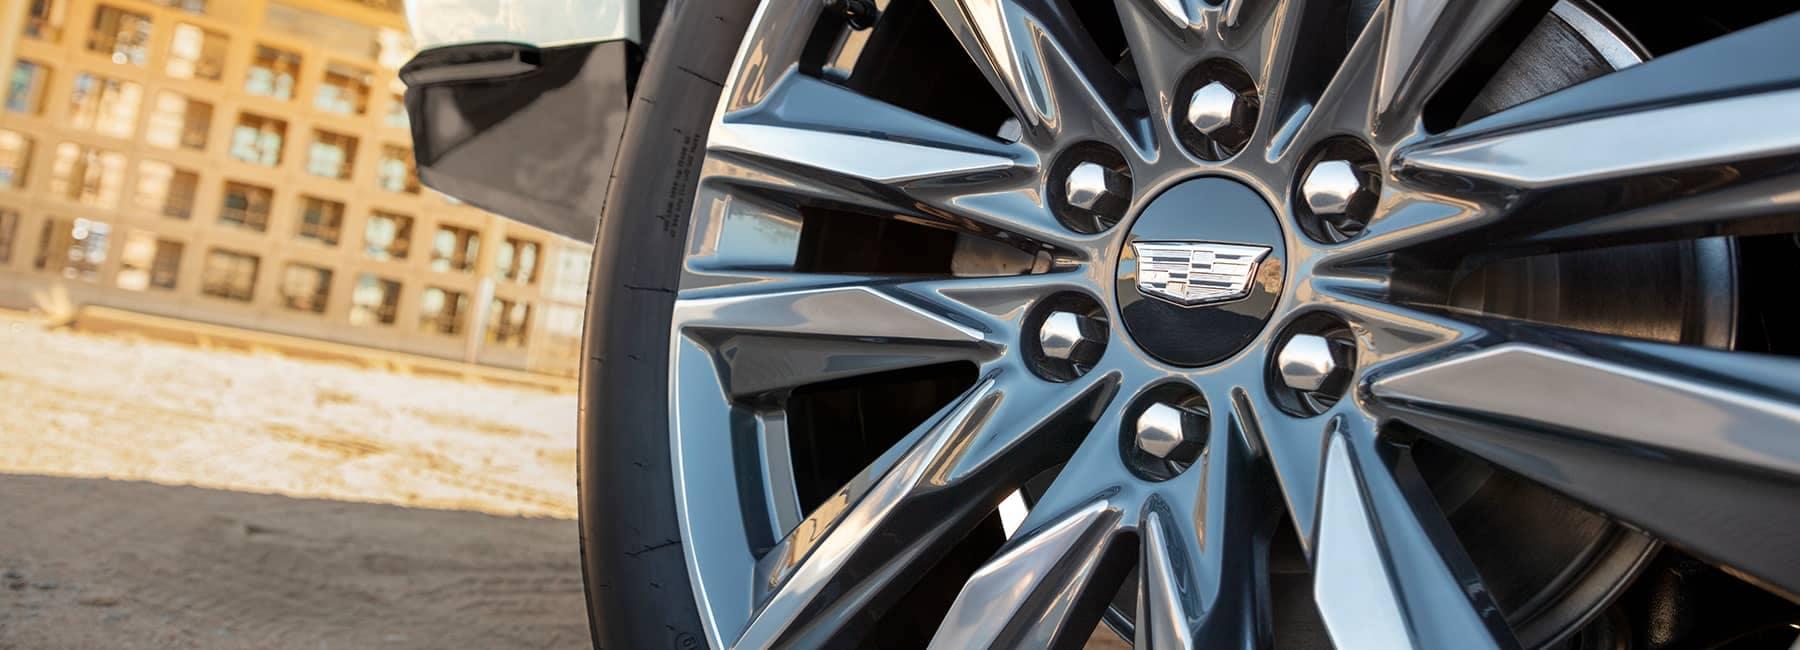 2021 Cadillac Escalade Wheel_mobile